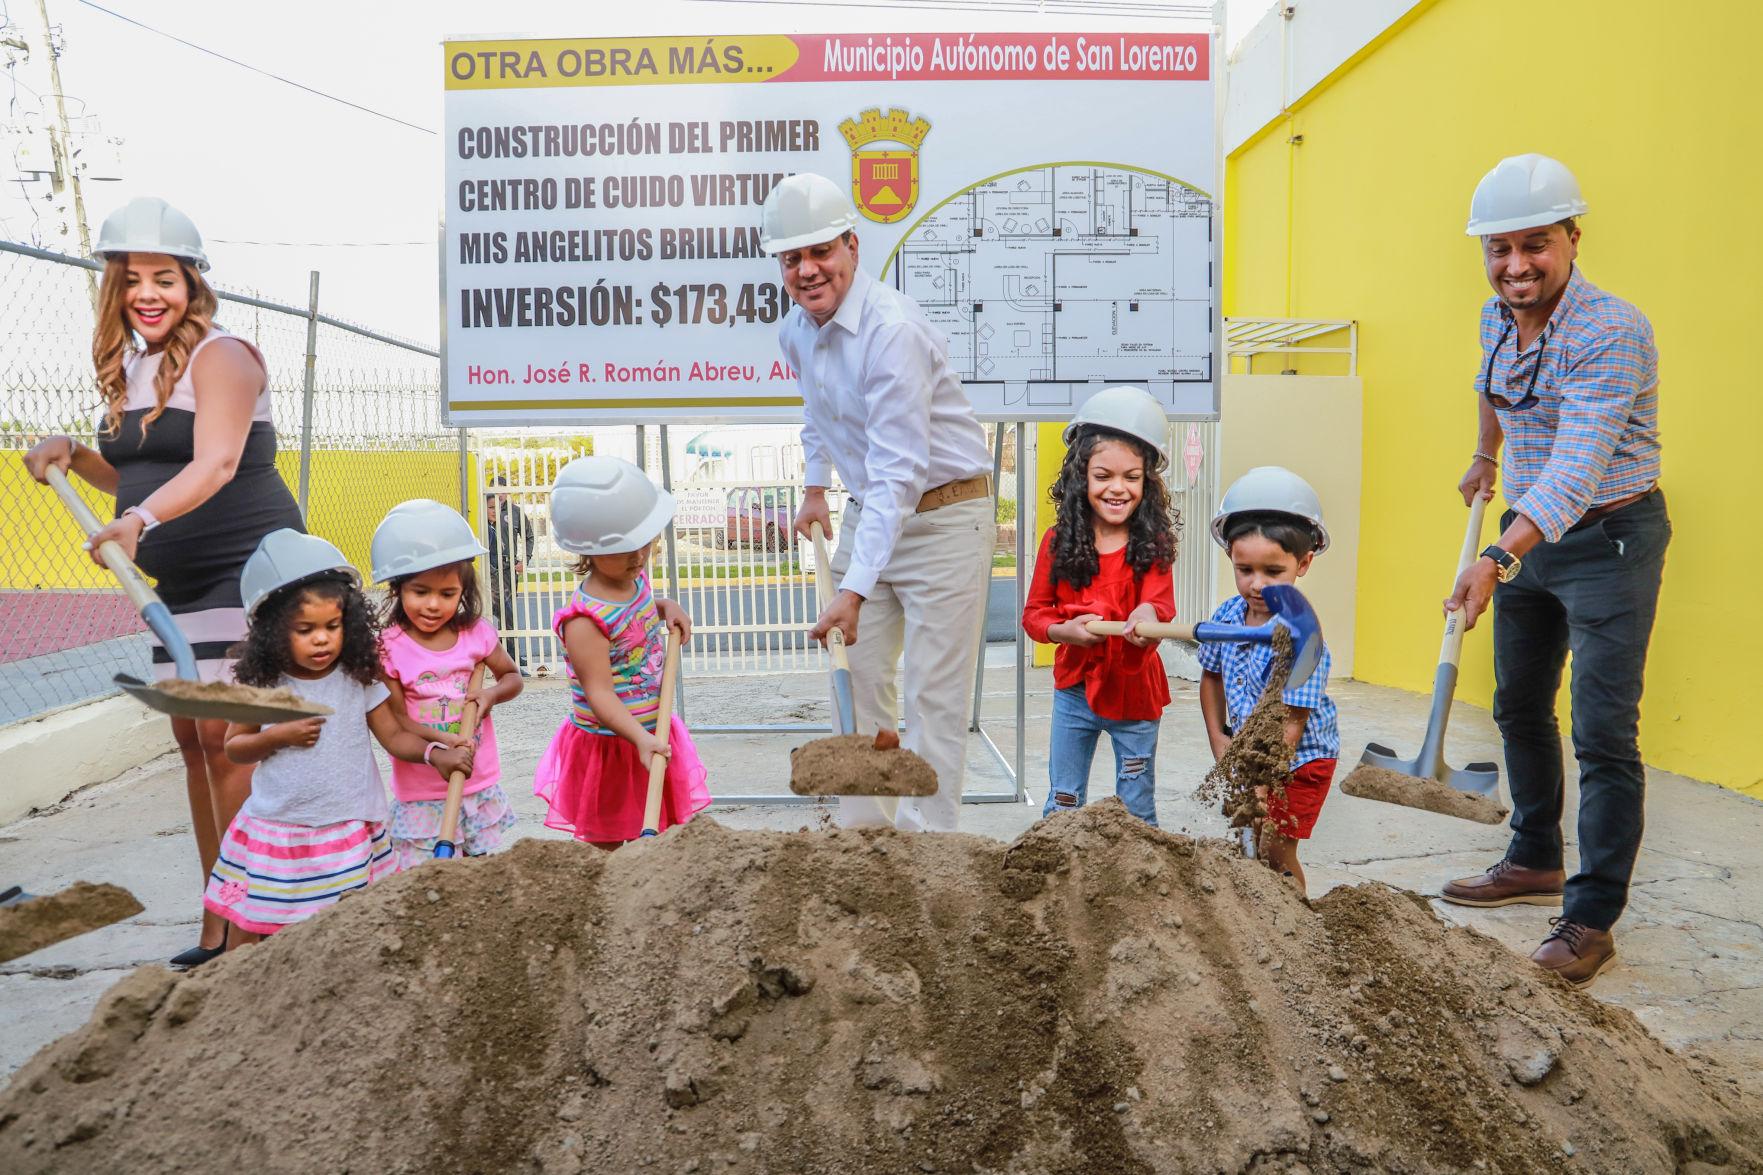 Invierte San Lorenzo en construcción de primer Centro de Cuido Virtual